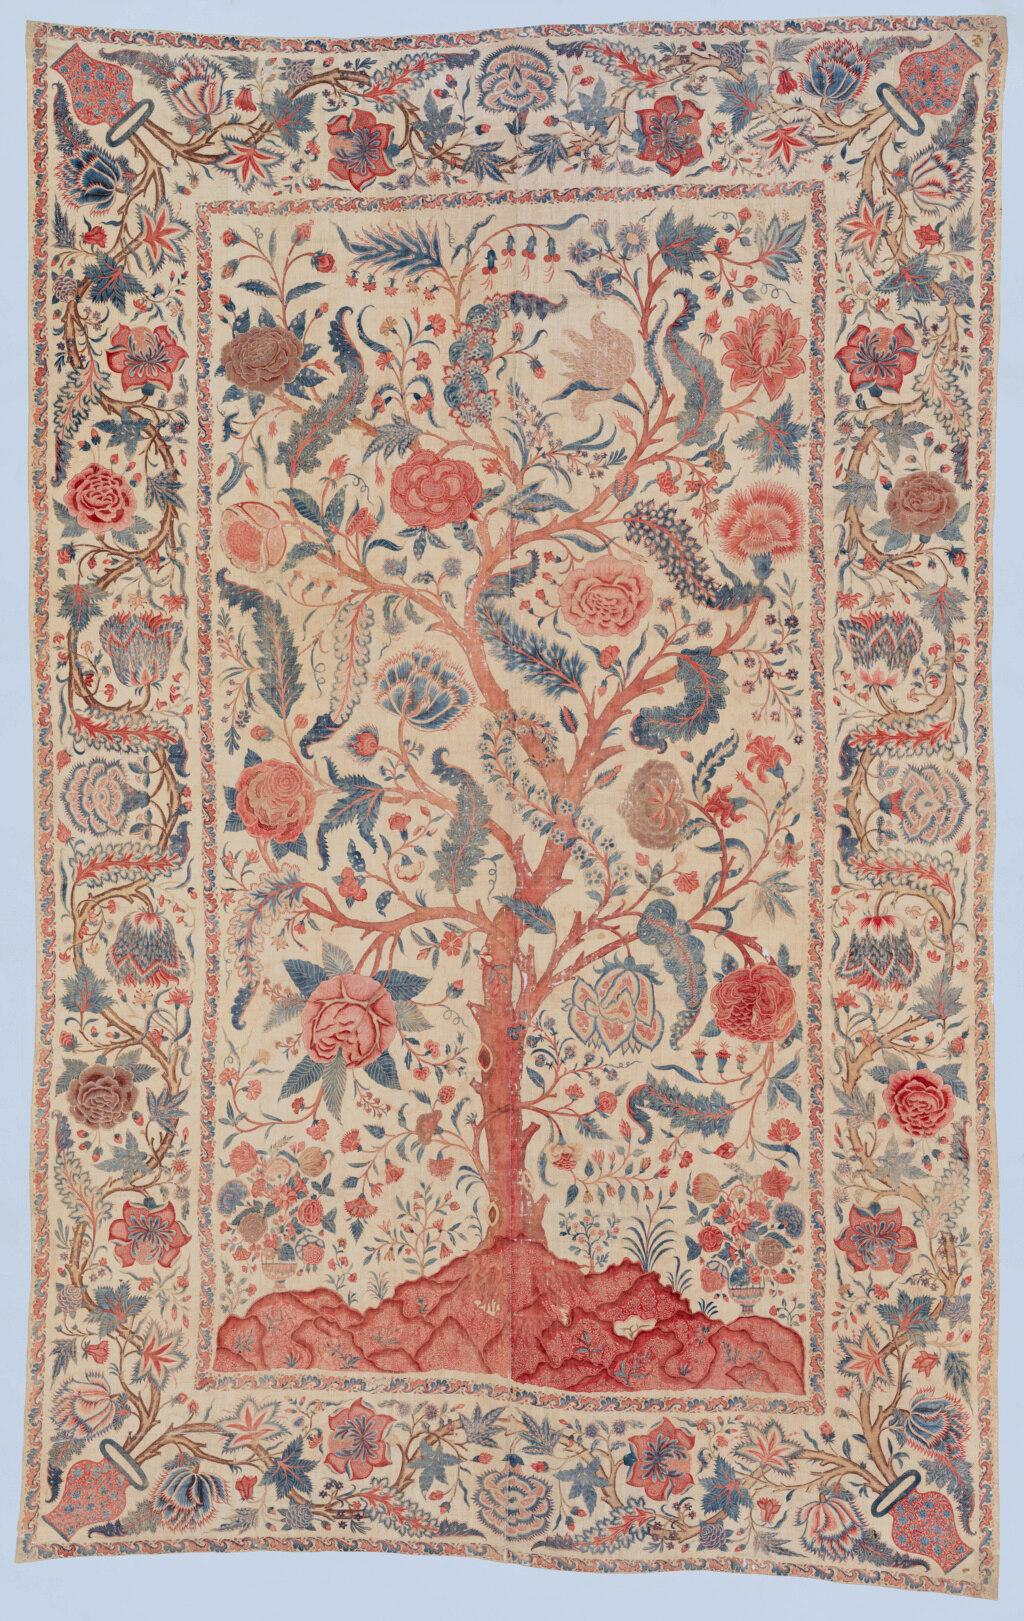 Manteau d'intérieur et robe de chambre pour les hommes au XVIIIe siècle - Page 2 Dp-18910